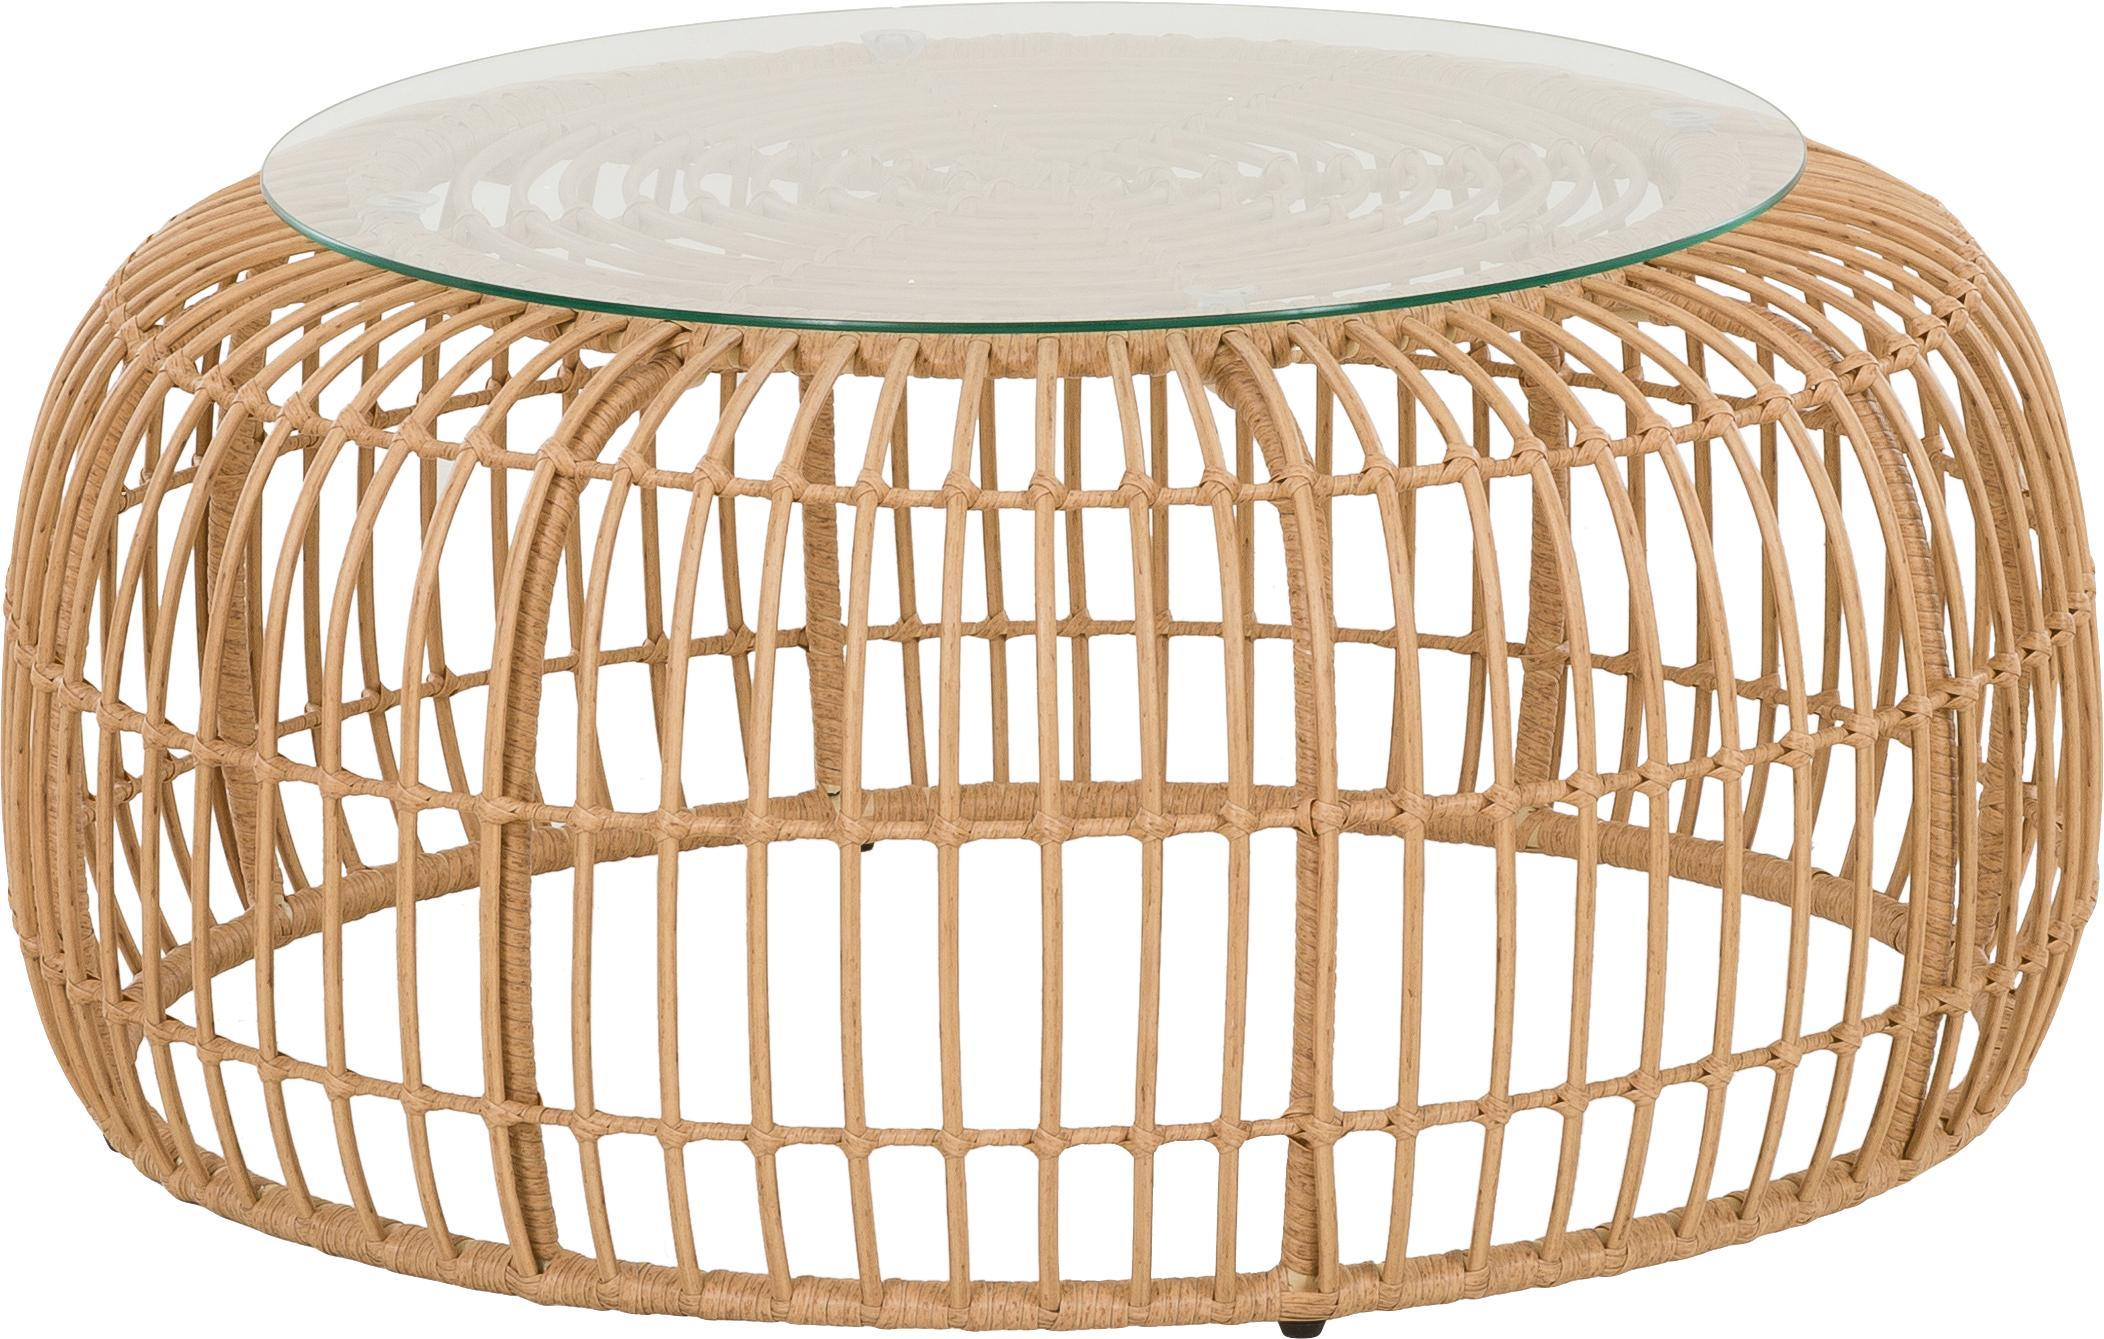 Garten-Couchtisch Costa mit Polyrattan, Tischplatte: Glas, Gestell: Polyethylen-Geflecht, Hellbraun, Ø 85 x H 42 cm